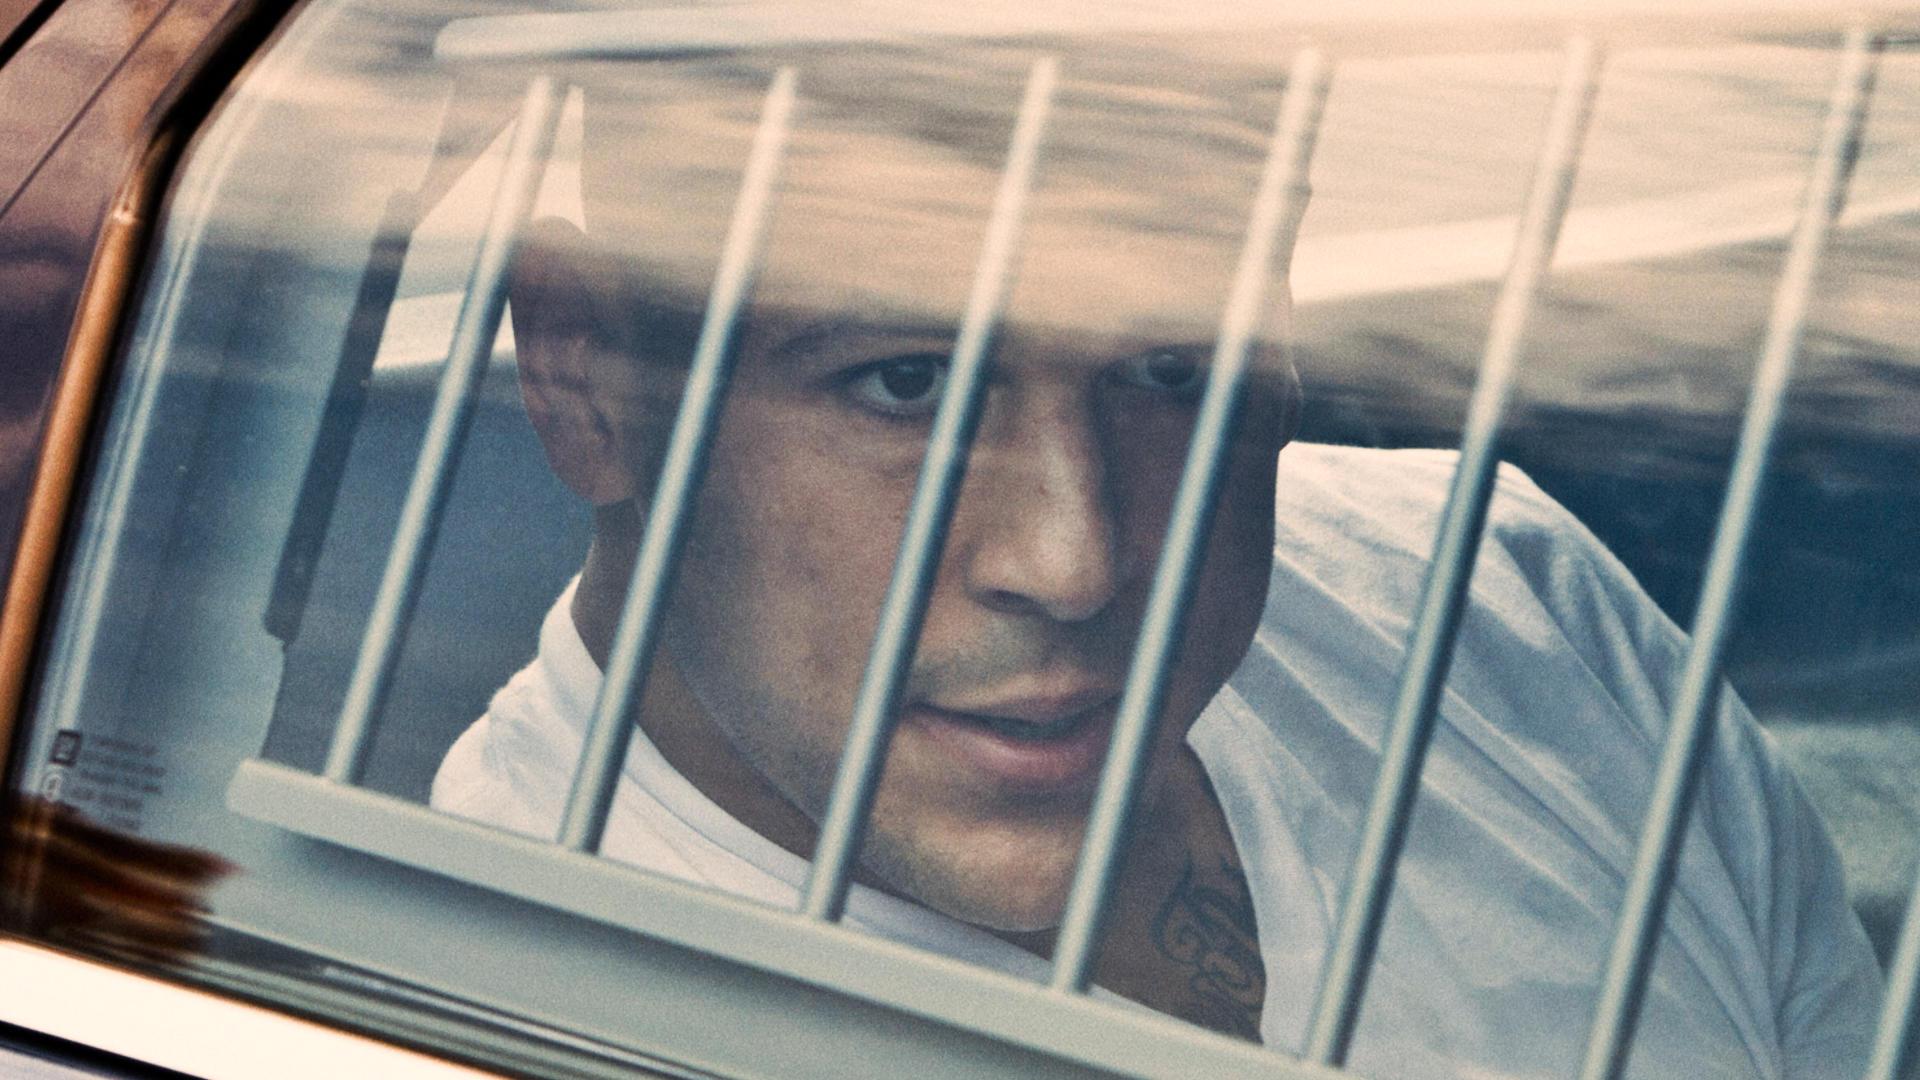 WATCH: Aaron Hernandez documentary trailer is something else